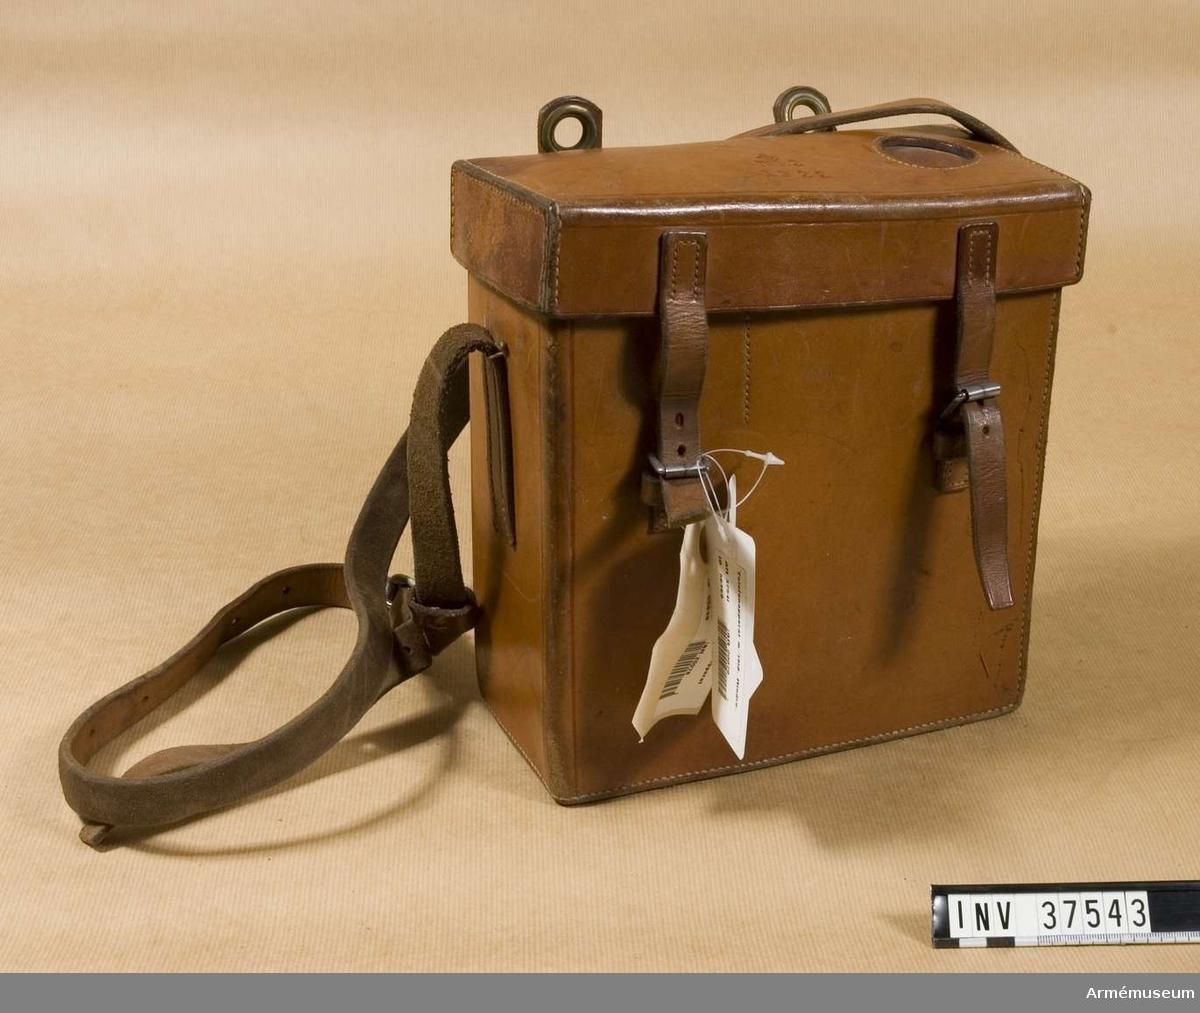 Samhörande nr 37541-3, telefon, hörtelefon, väska. Väska till telefonapparat m/1918 mindre. Grupp H I.